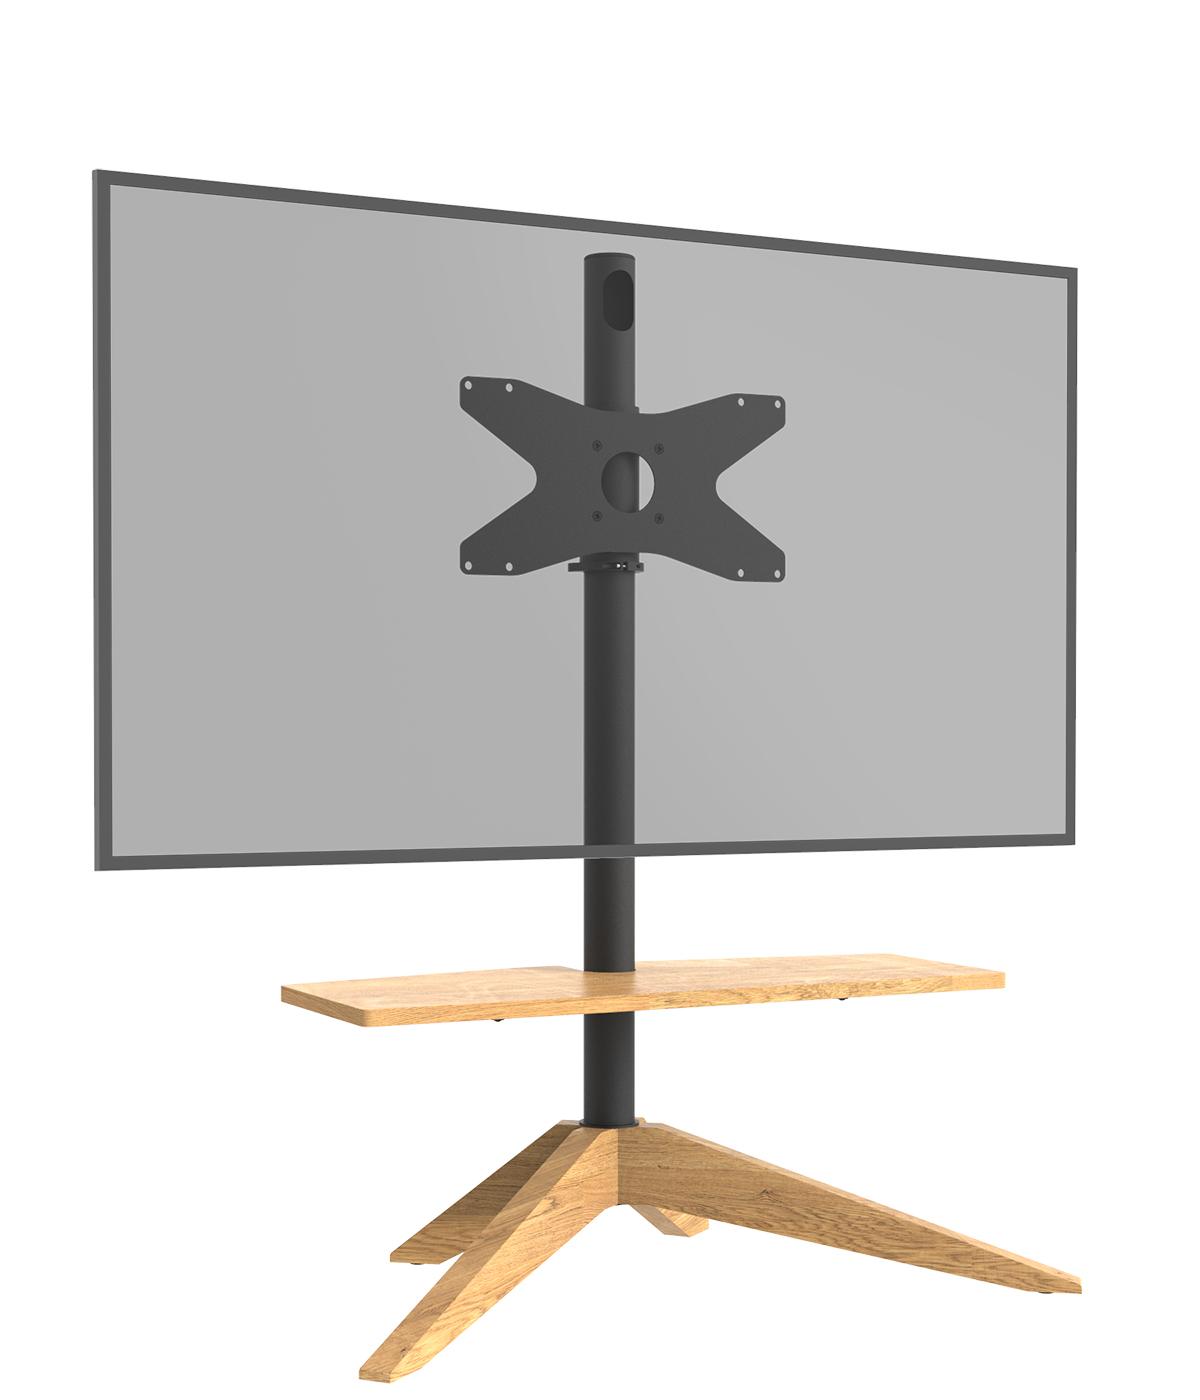 Cavus Tv vloerstandaard Cross Oak VESA 400x200